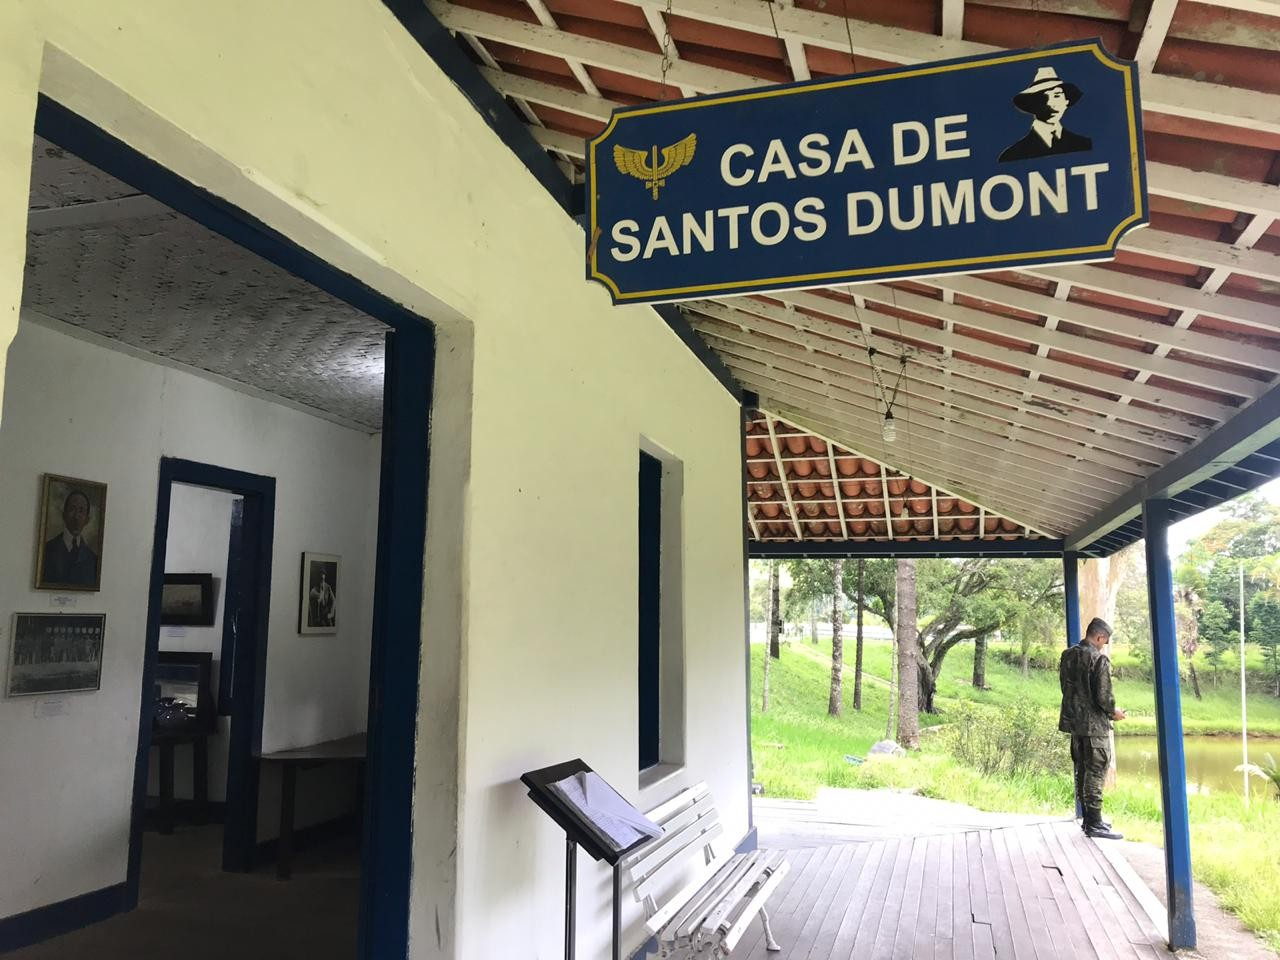 Casa sede do Museu de Cabangu é reaberta para visitação em Santos Dumont - Noticias